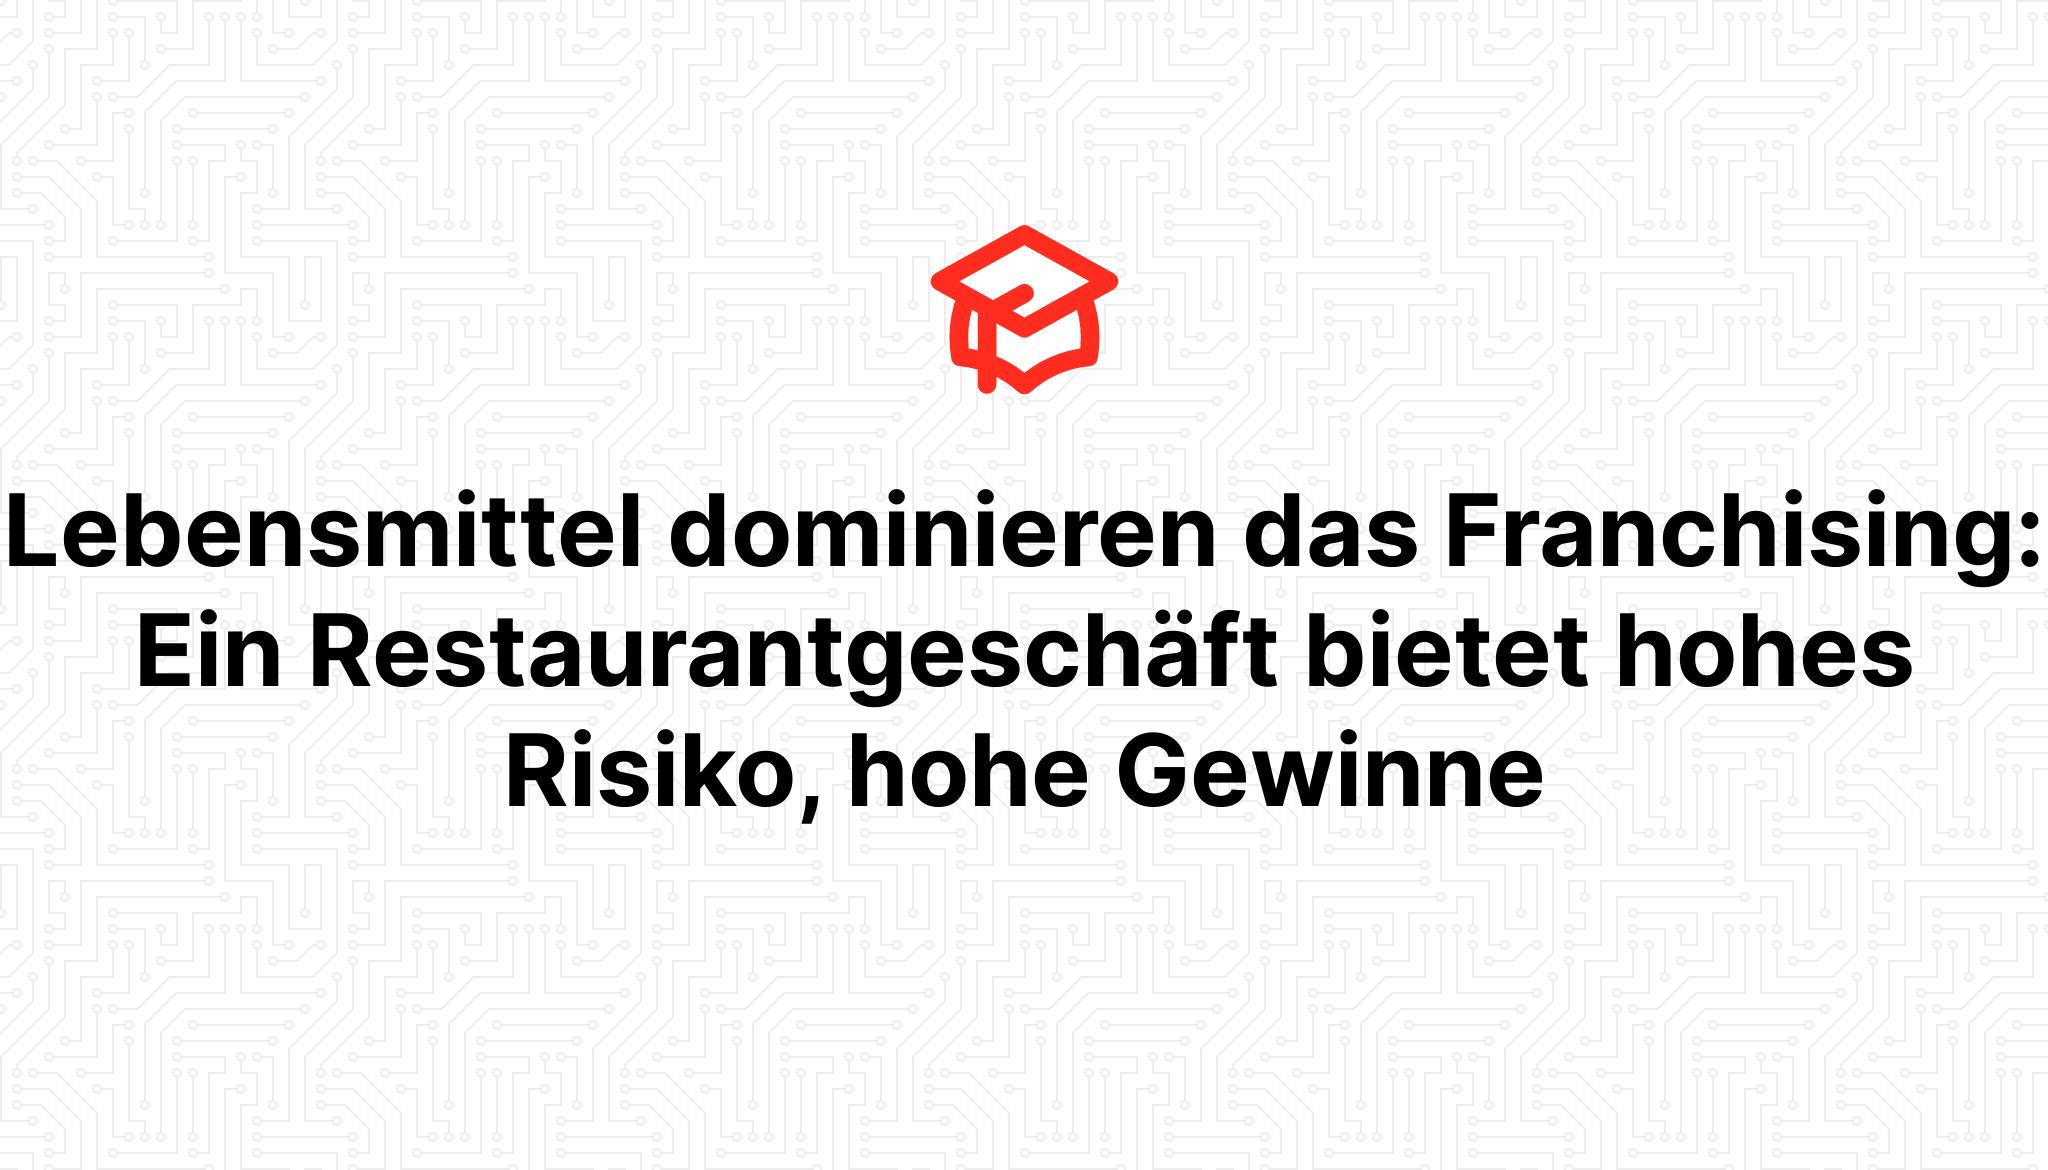 Lebensmittel dominieren das Franchising: Ein Restaurantgeschäft bietet hohes Risiko, hohe Gewinne